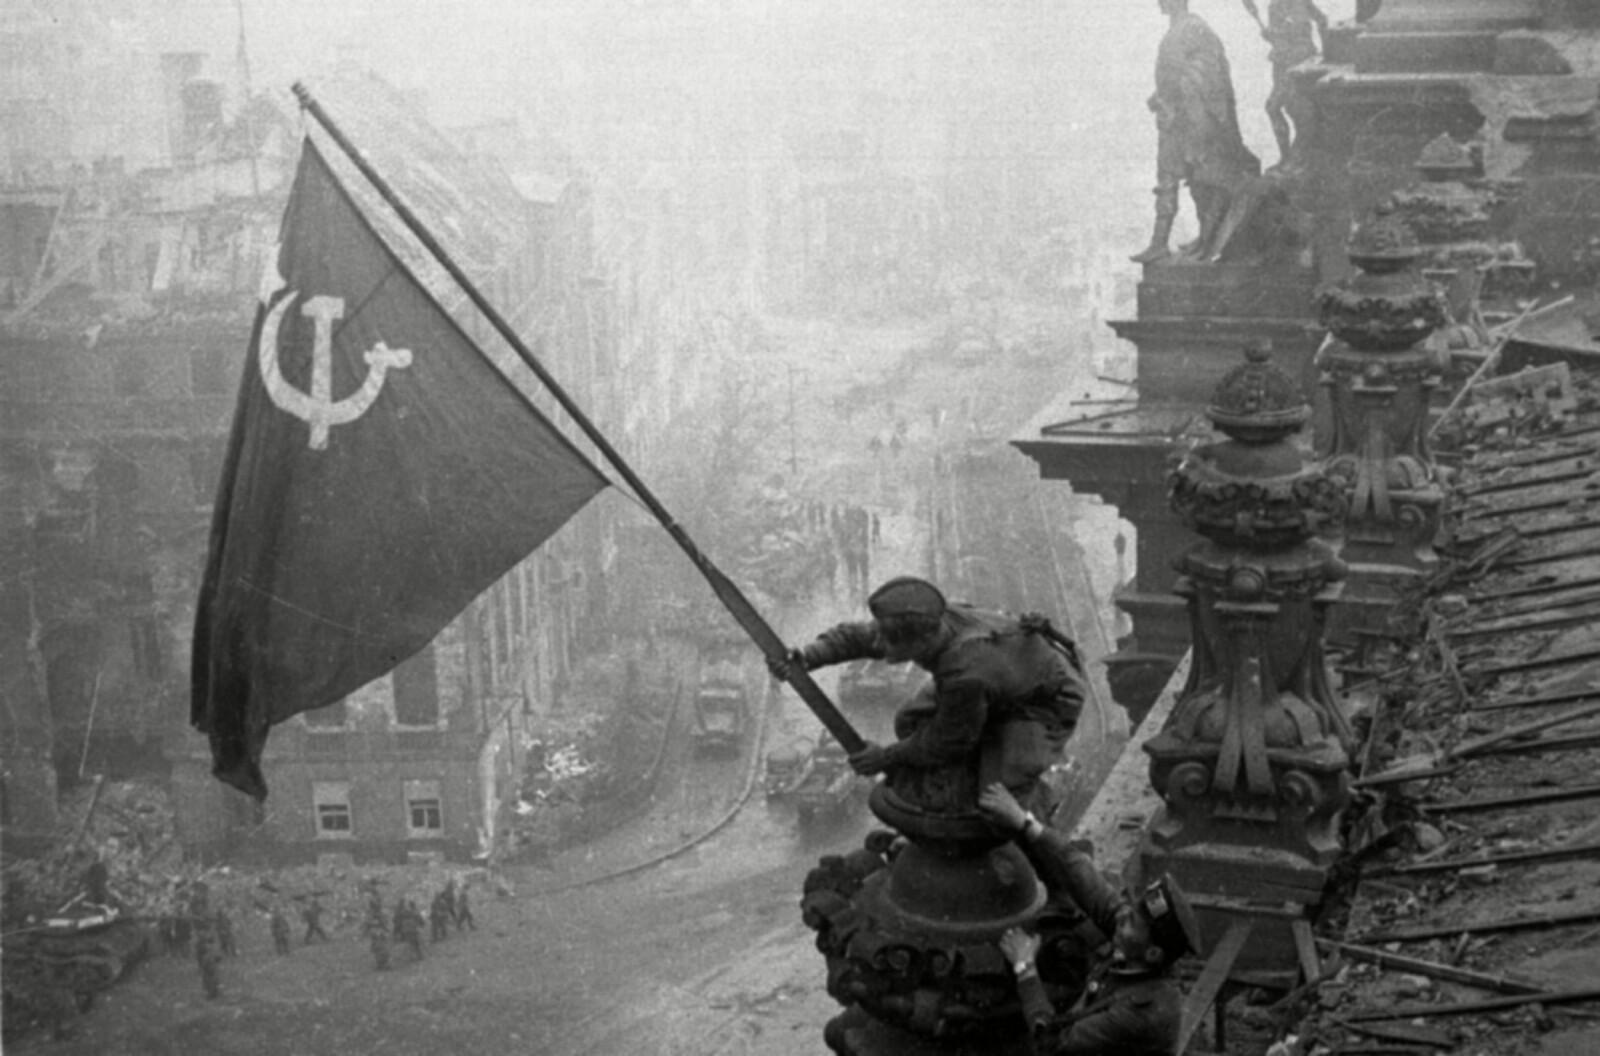 <b>BLODIG FREMMARSJ:</b> Michael Zjedanov trodde han var i mål da Den røde armé rykket inn i Berlin og heiste sovjet-flagget på riksdagsbygningen.